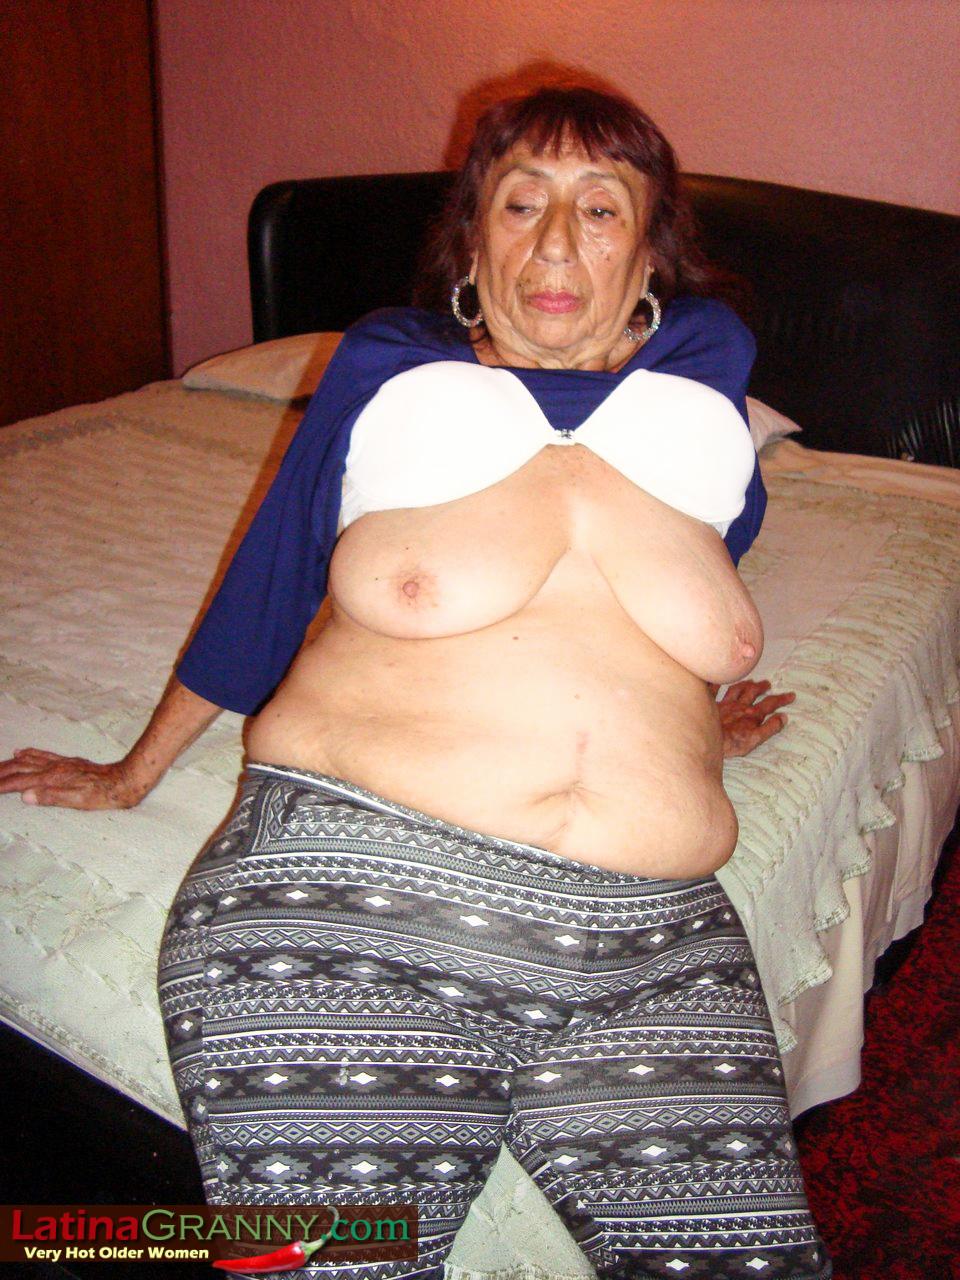 Photos granny latina nice lil